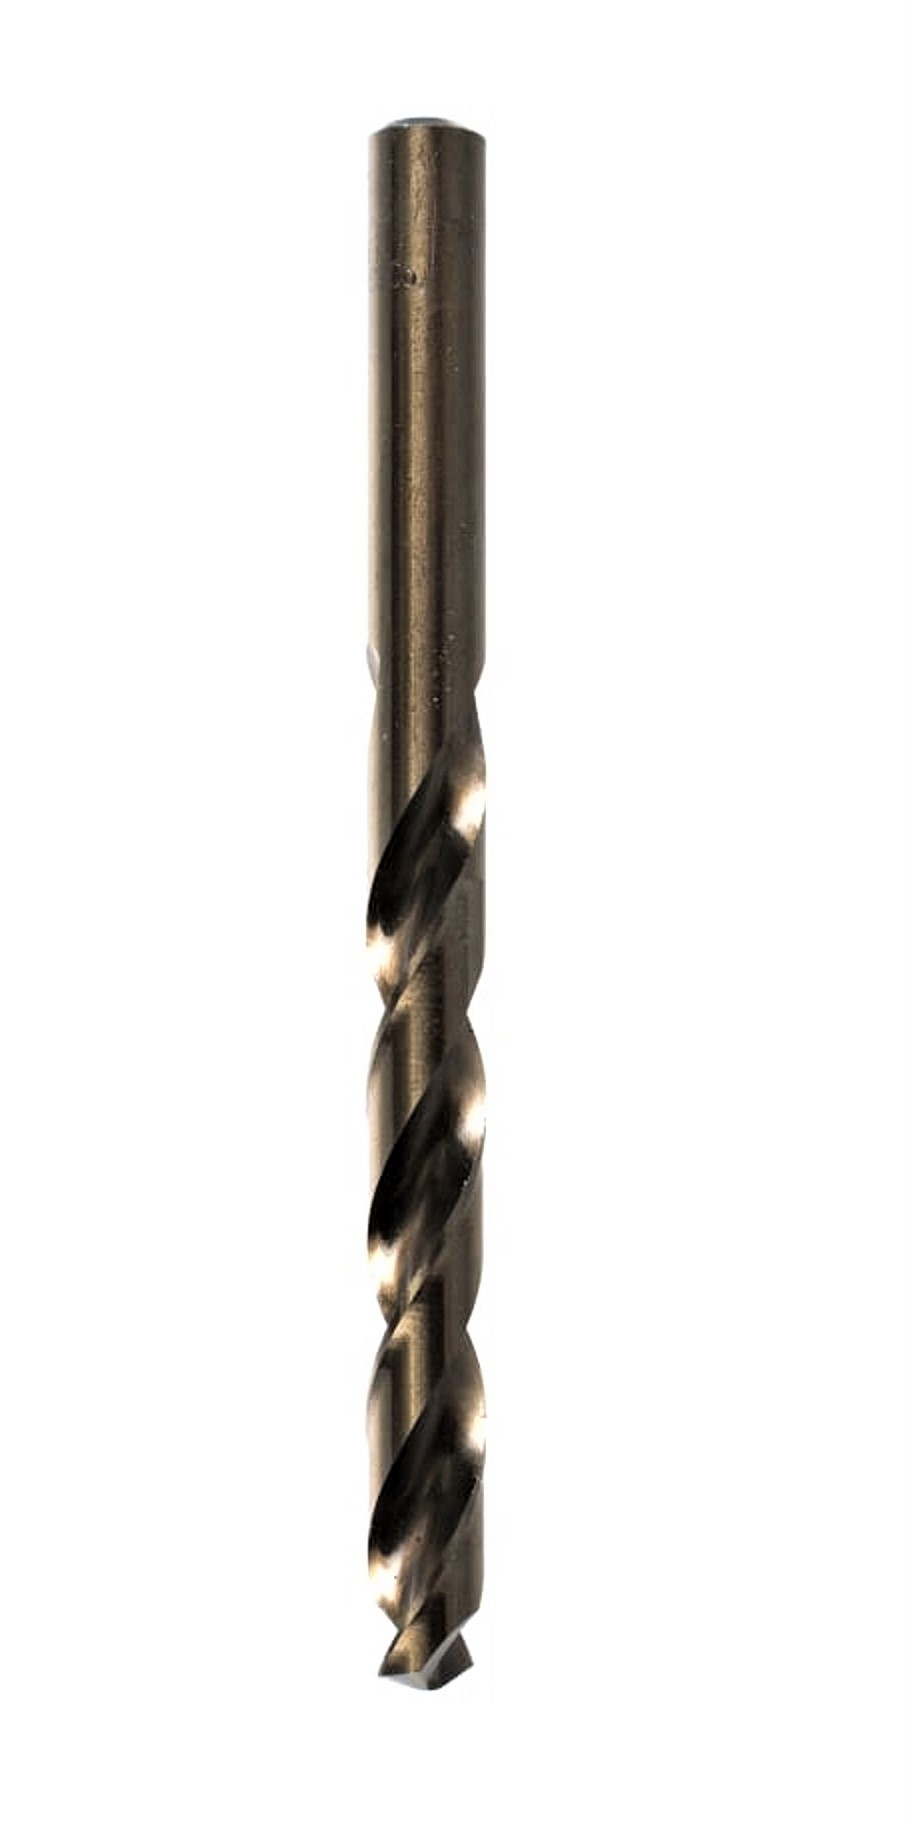 Сверло по металлу 11.0х142мм Hagwert  - фото